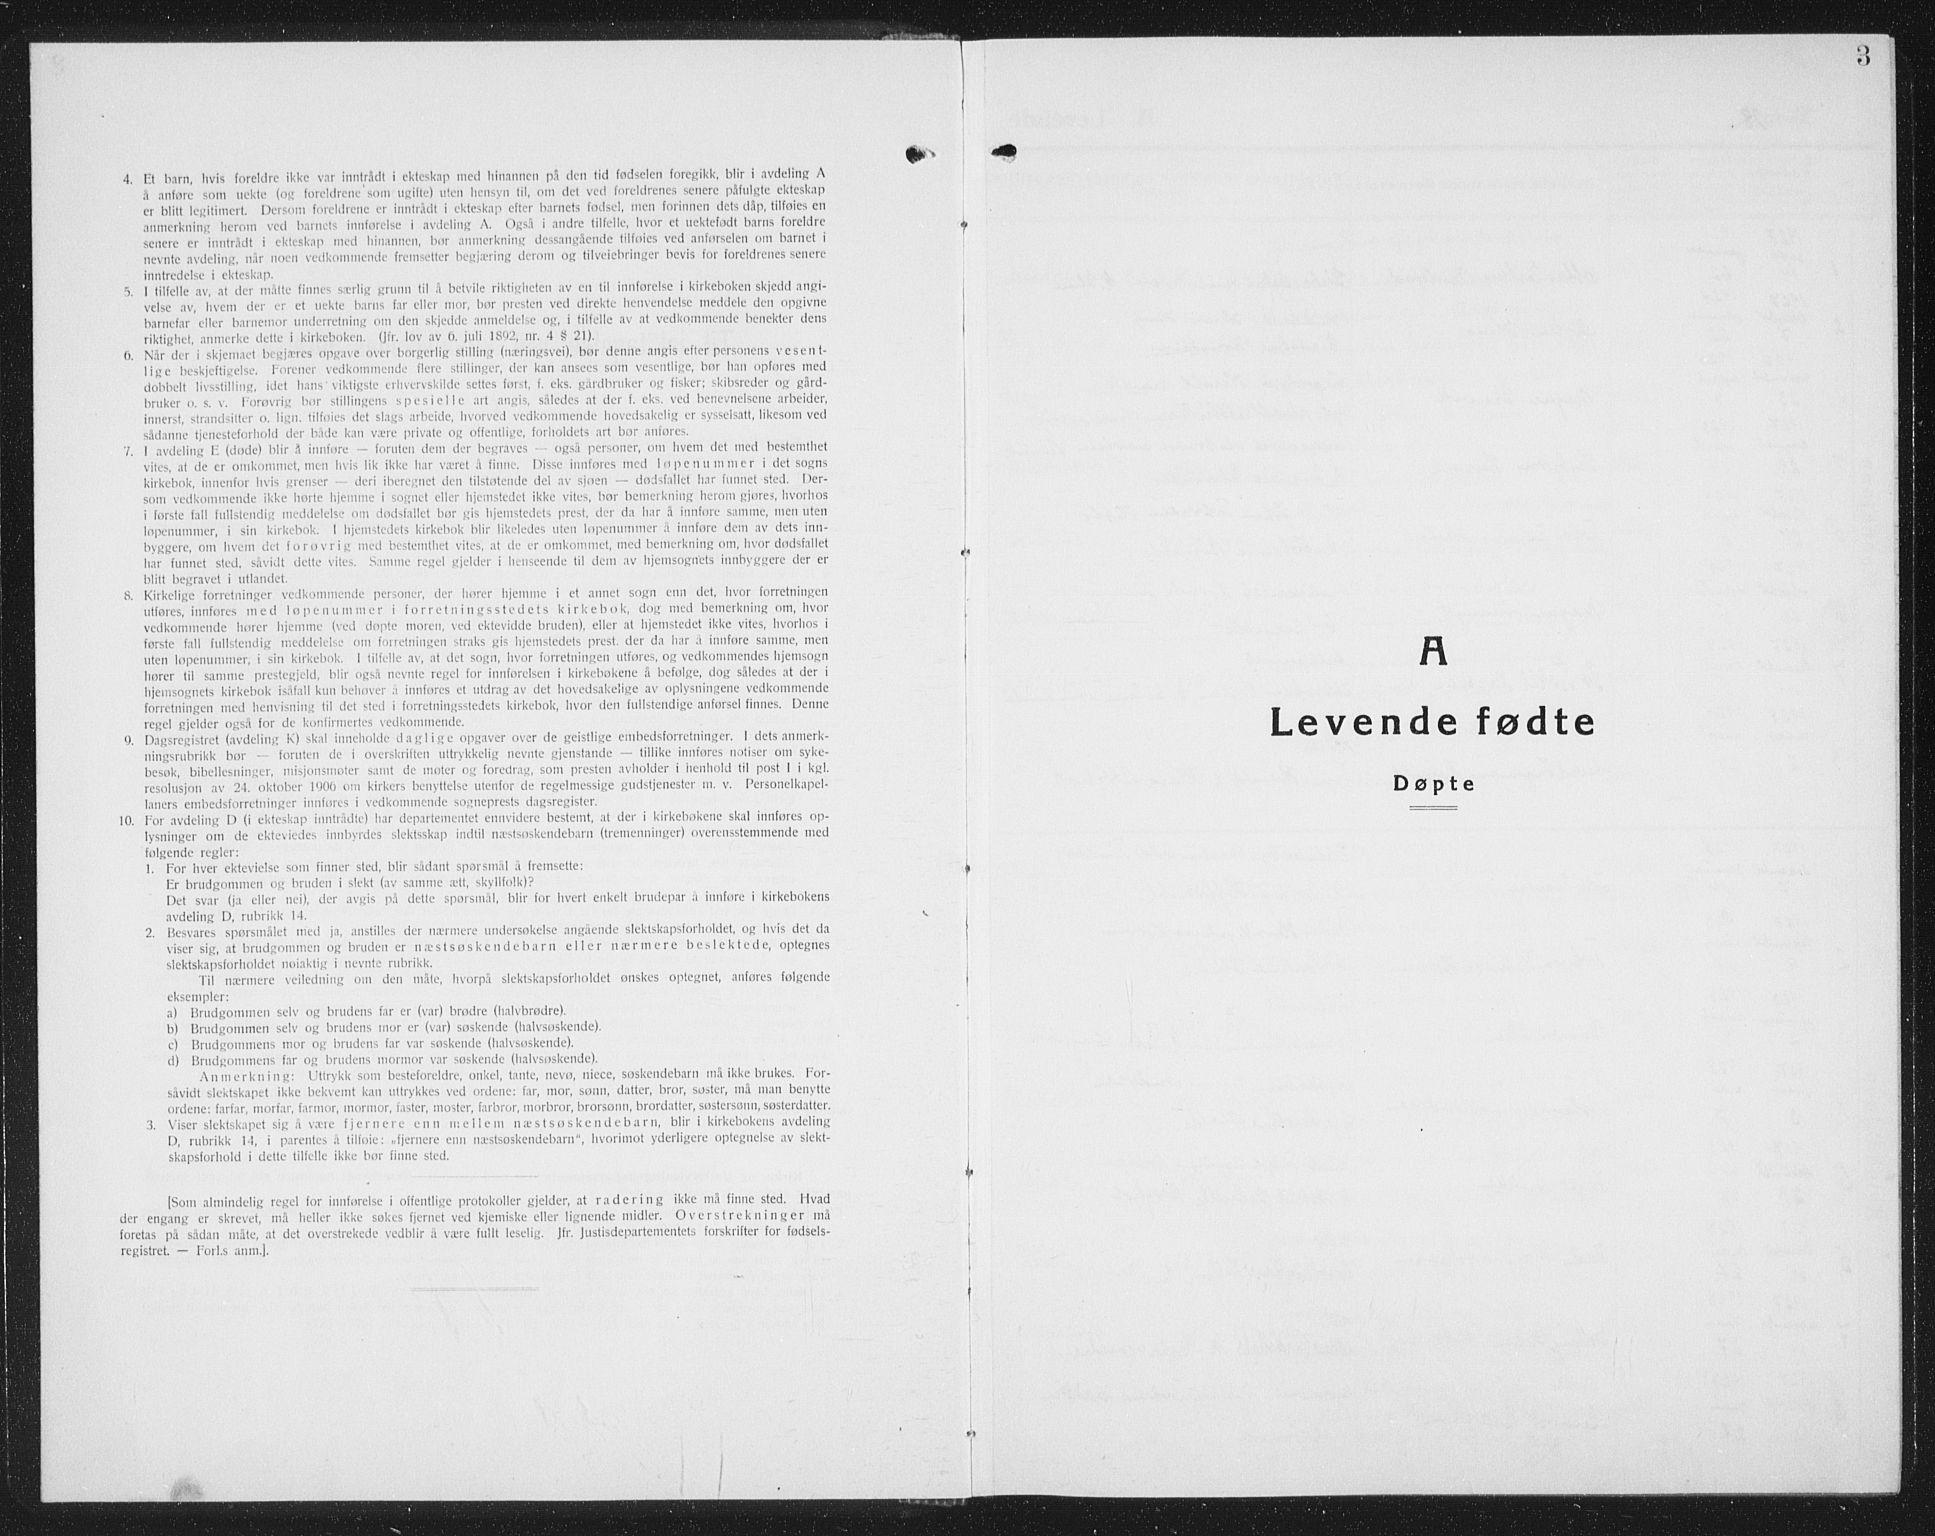 SAT, Ministerialprotokoller, klokkerbøker og fødselsregistre - Nord-Trøndelag, 780/L0654: Klokkerbok nr. 780C06, 1928-1942, s. 3